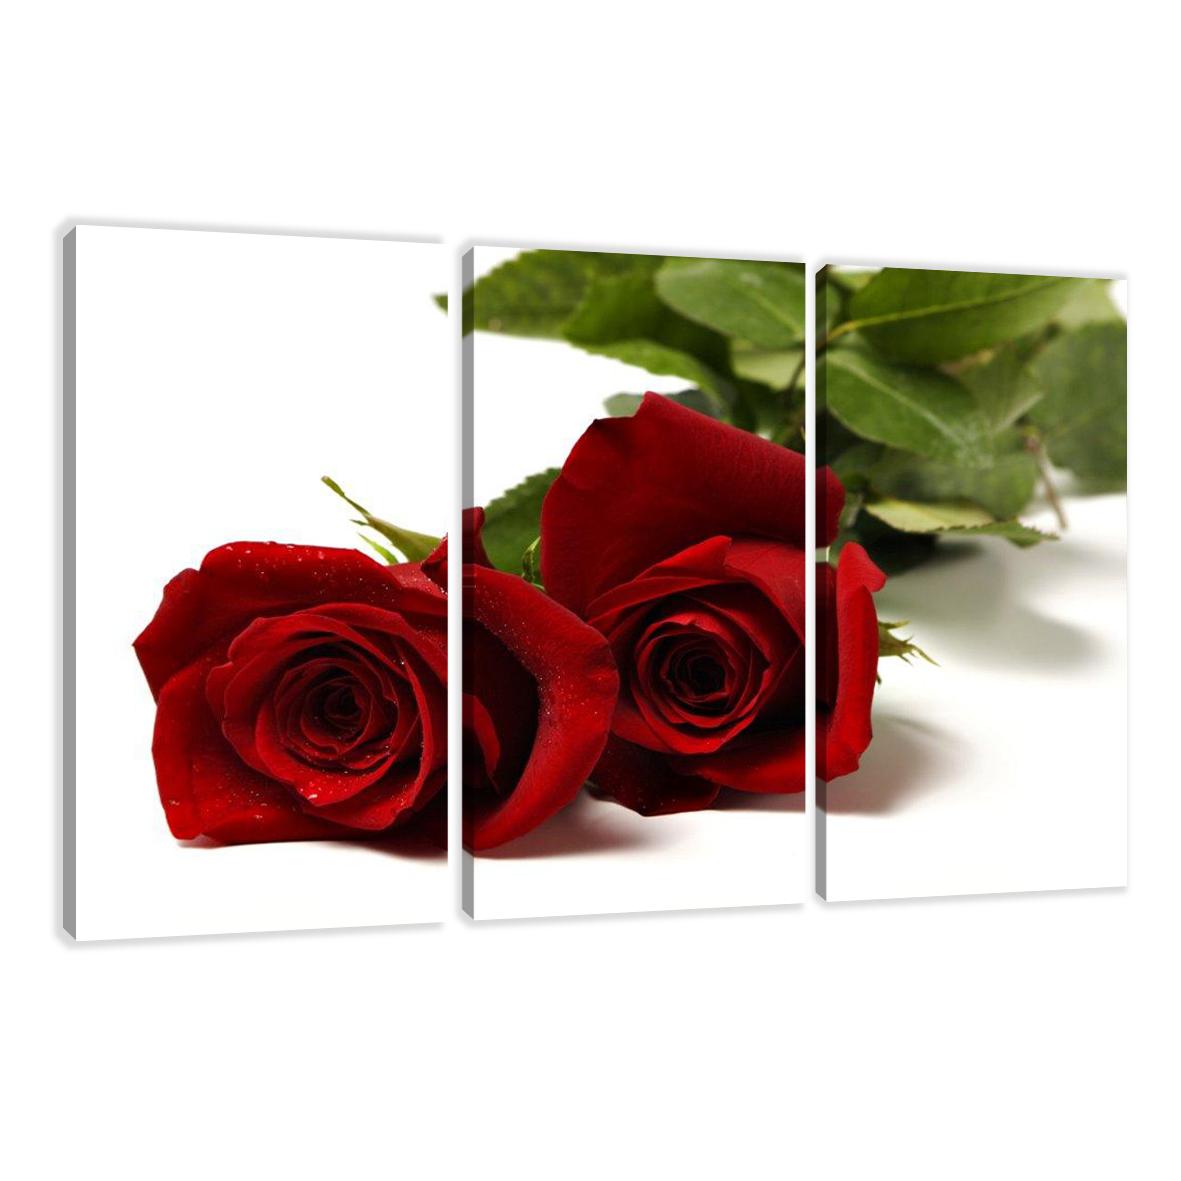 leinwand wandbilder verschiedene bilder motive 160 x 90 cm dreiteilig 1571 d1 ebay. Black Bedroom Furniture Sets. Home Design Ideas